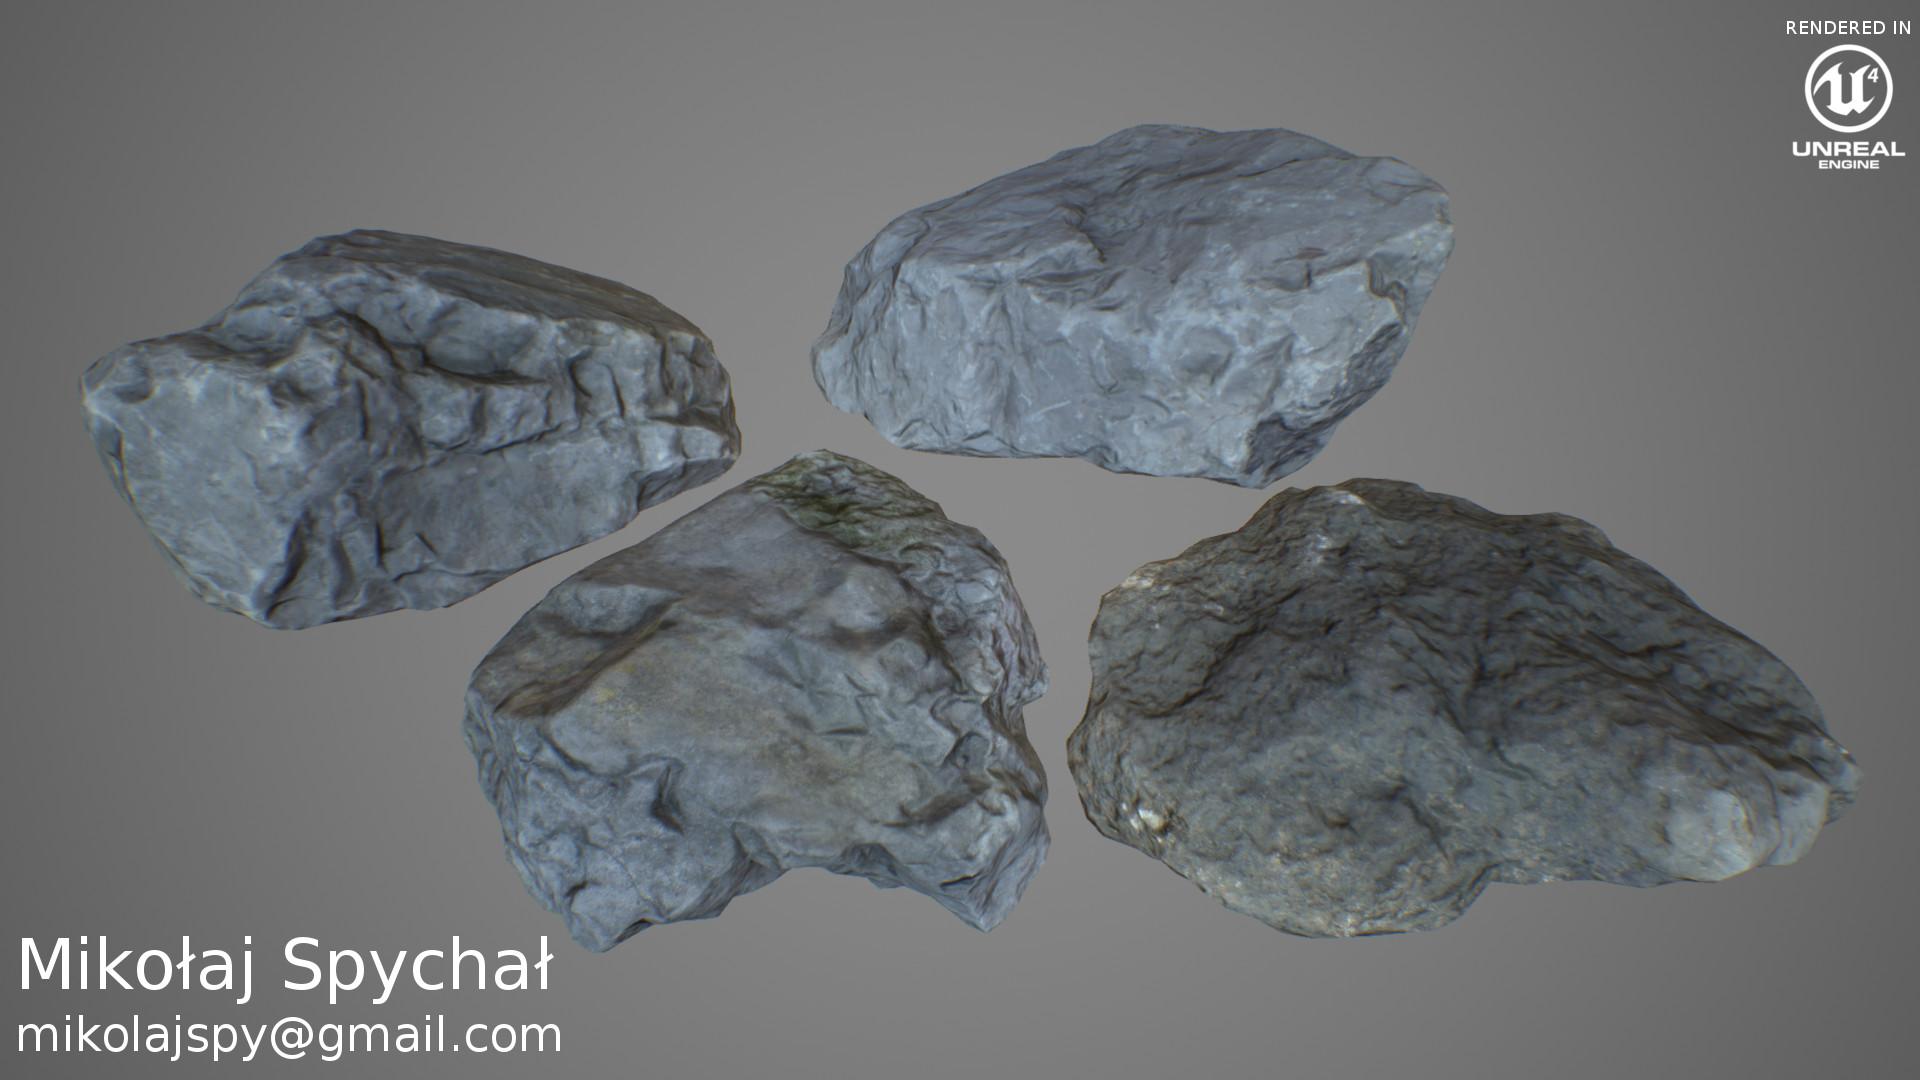 Mikolaj spychal rocksportfolio1